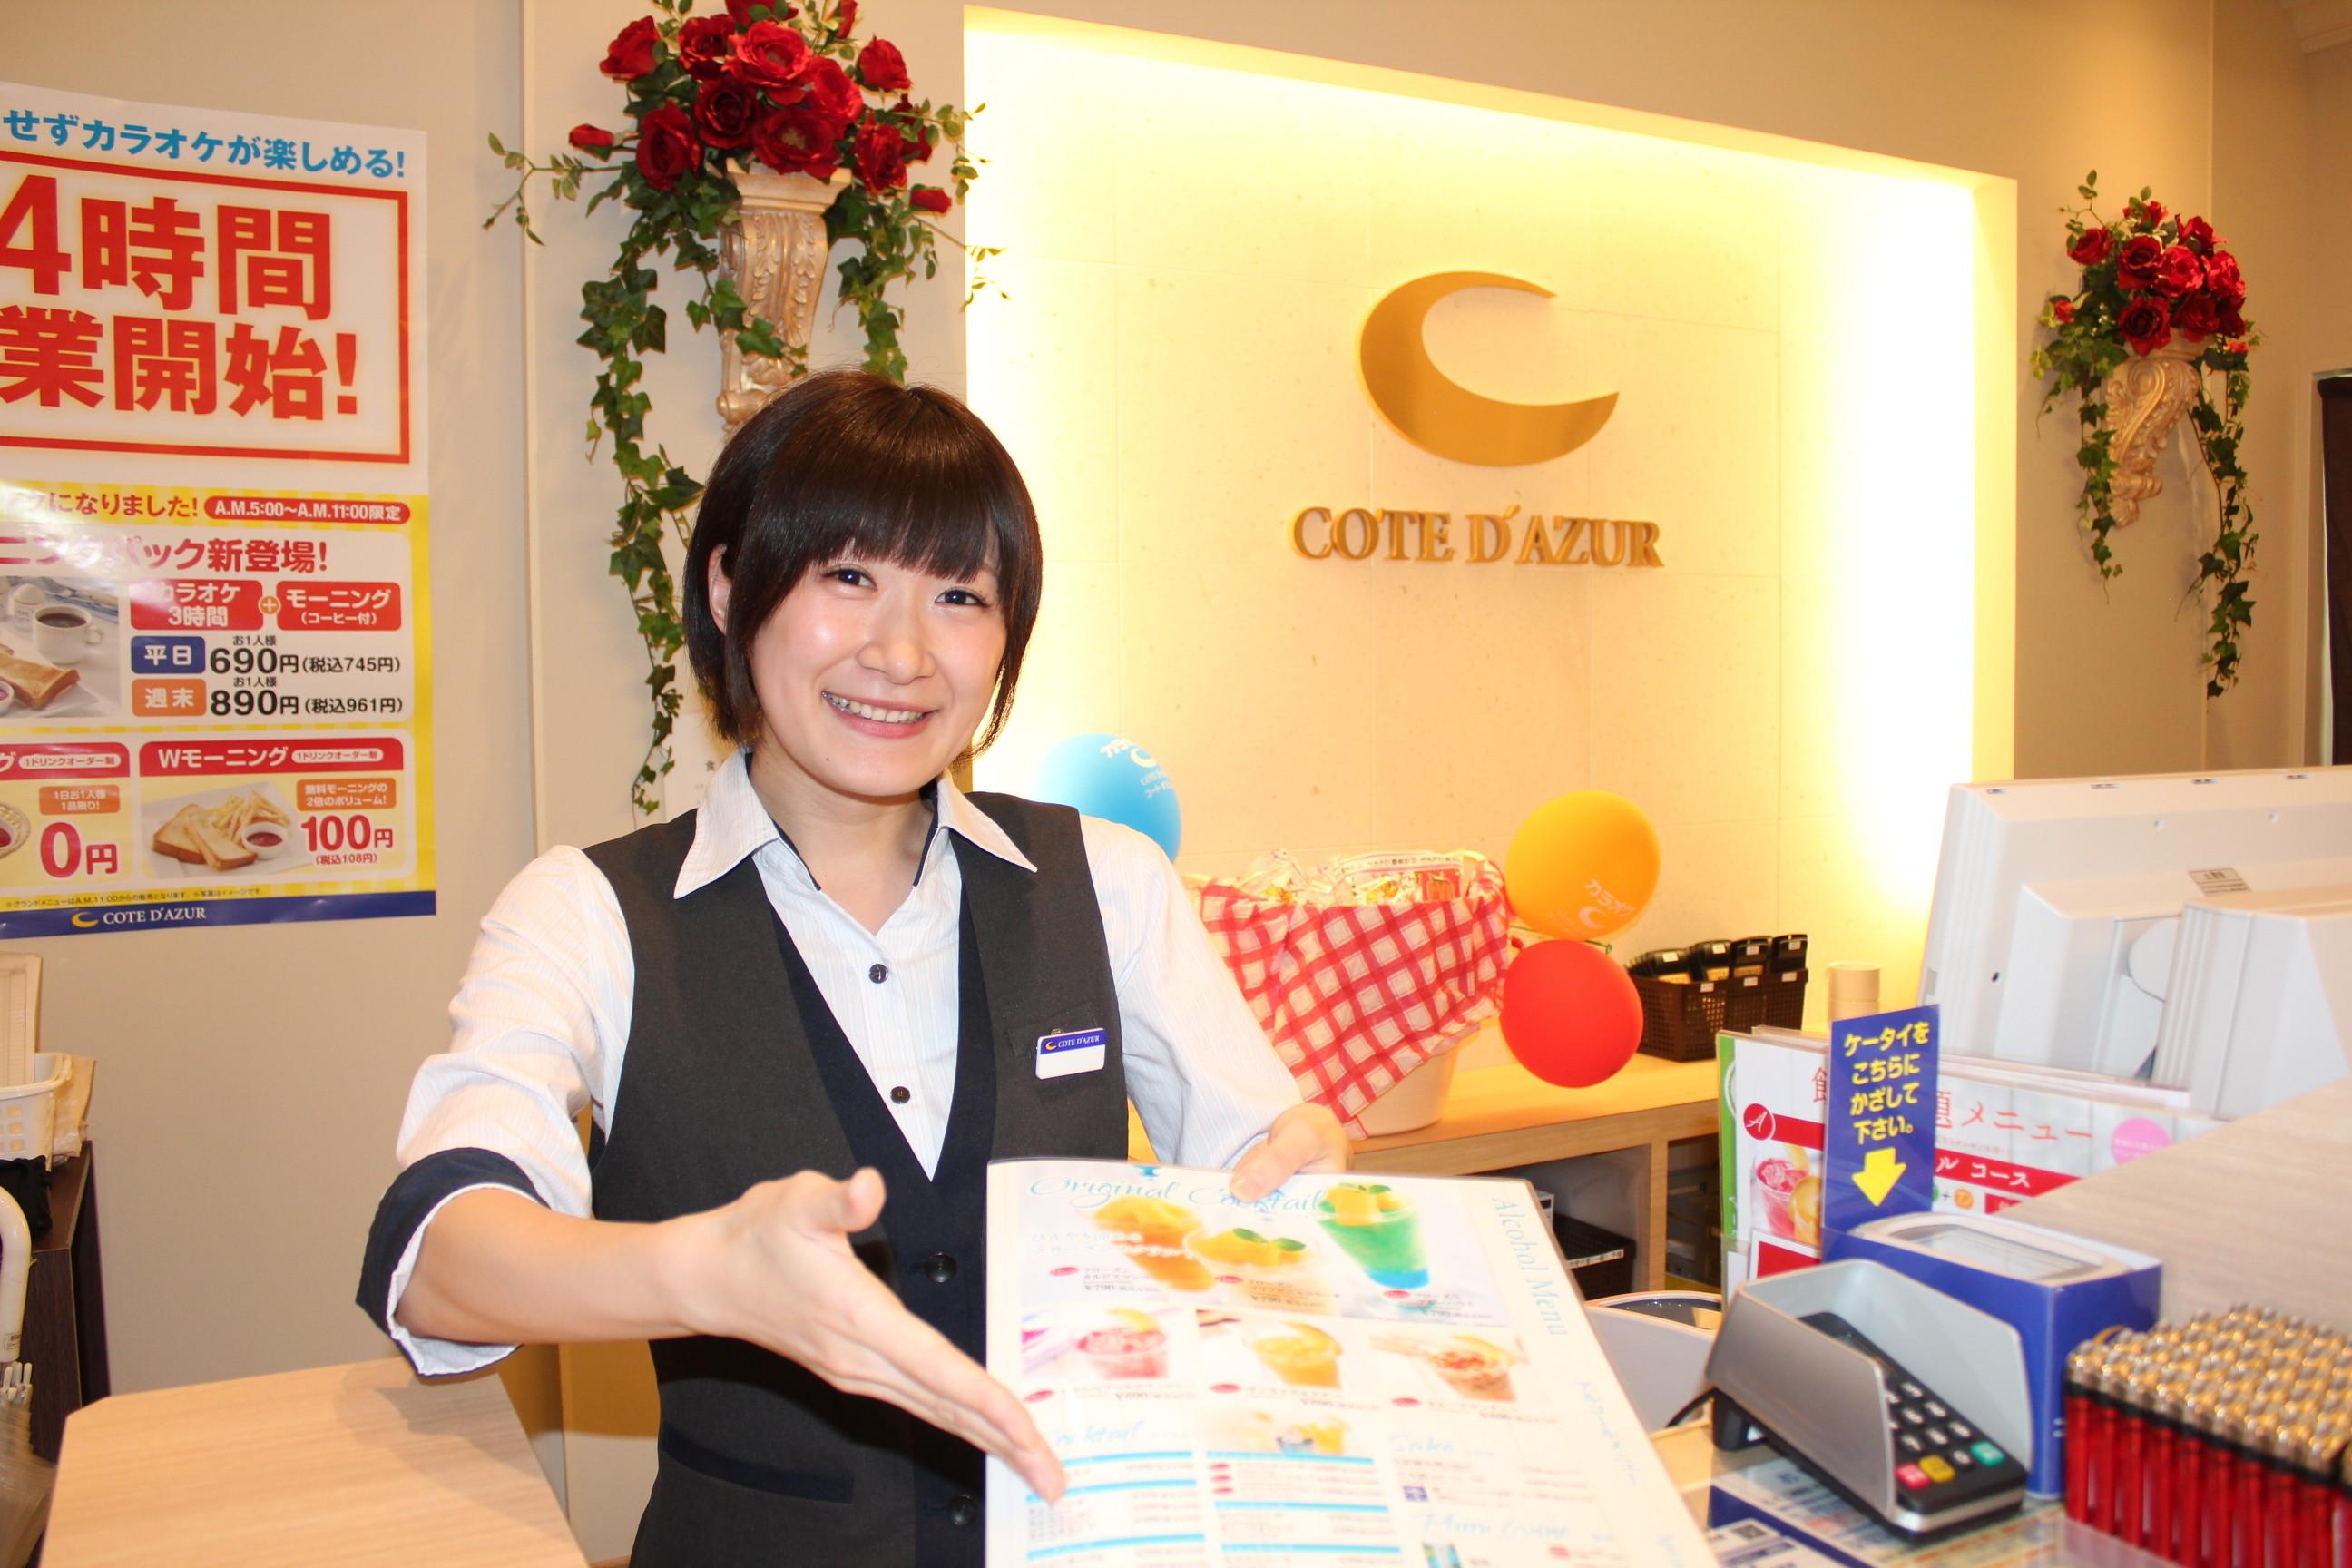 コート・ダジュール 茗荷谷駅前店 のアルバイト情報